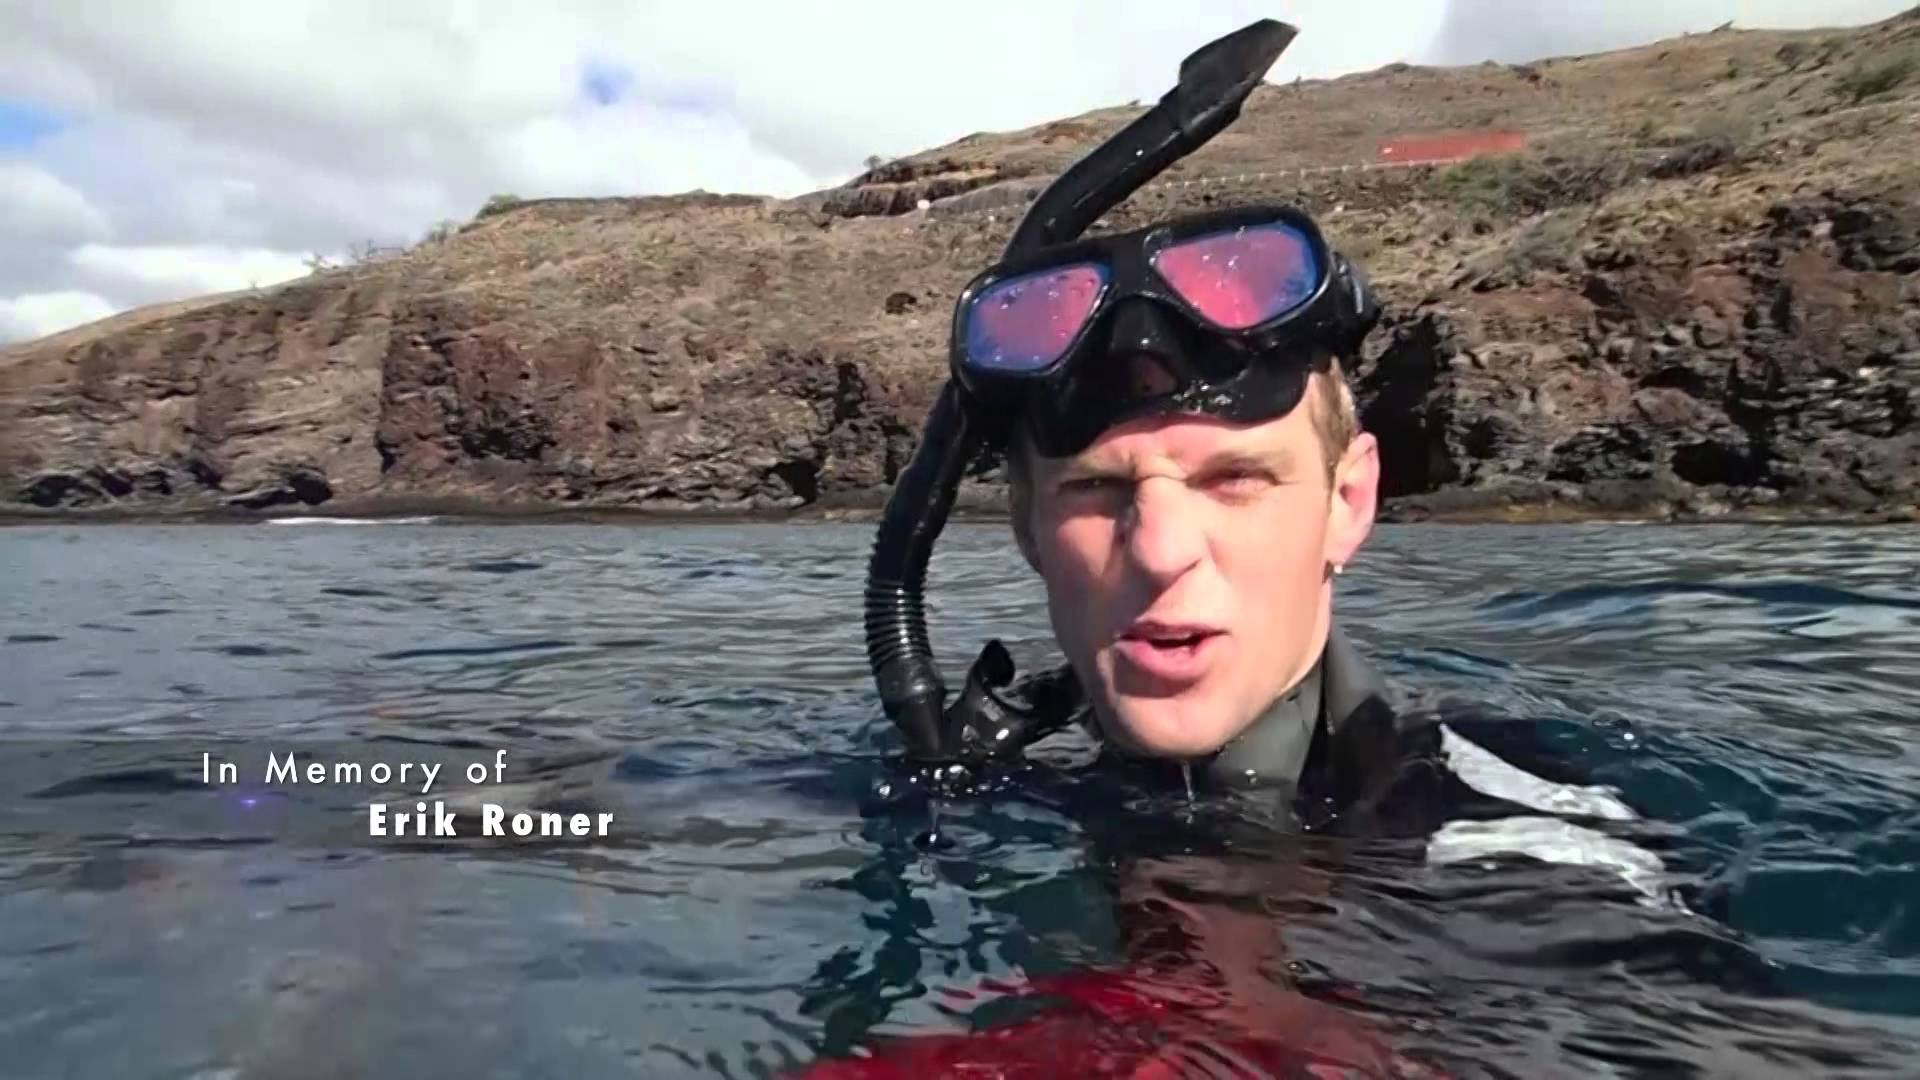 VIDEO: STRASTVENI SKIJAŠ I BASE SKAKAČ U nesreći s padobranom poginuo ekstremni sportaš Eric Roner